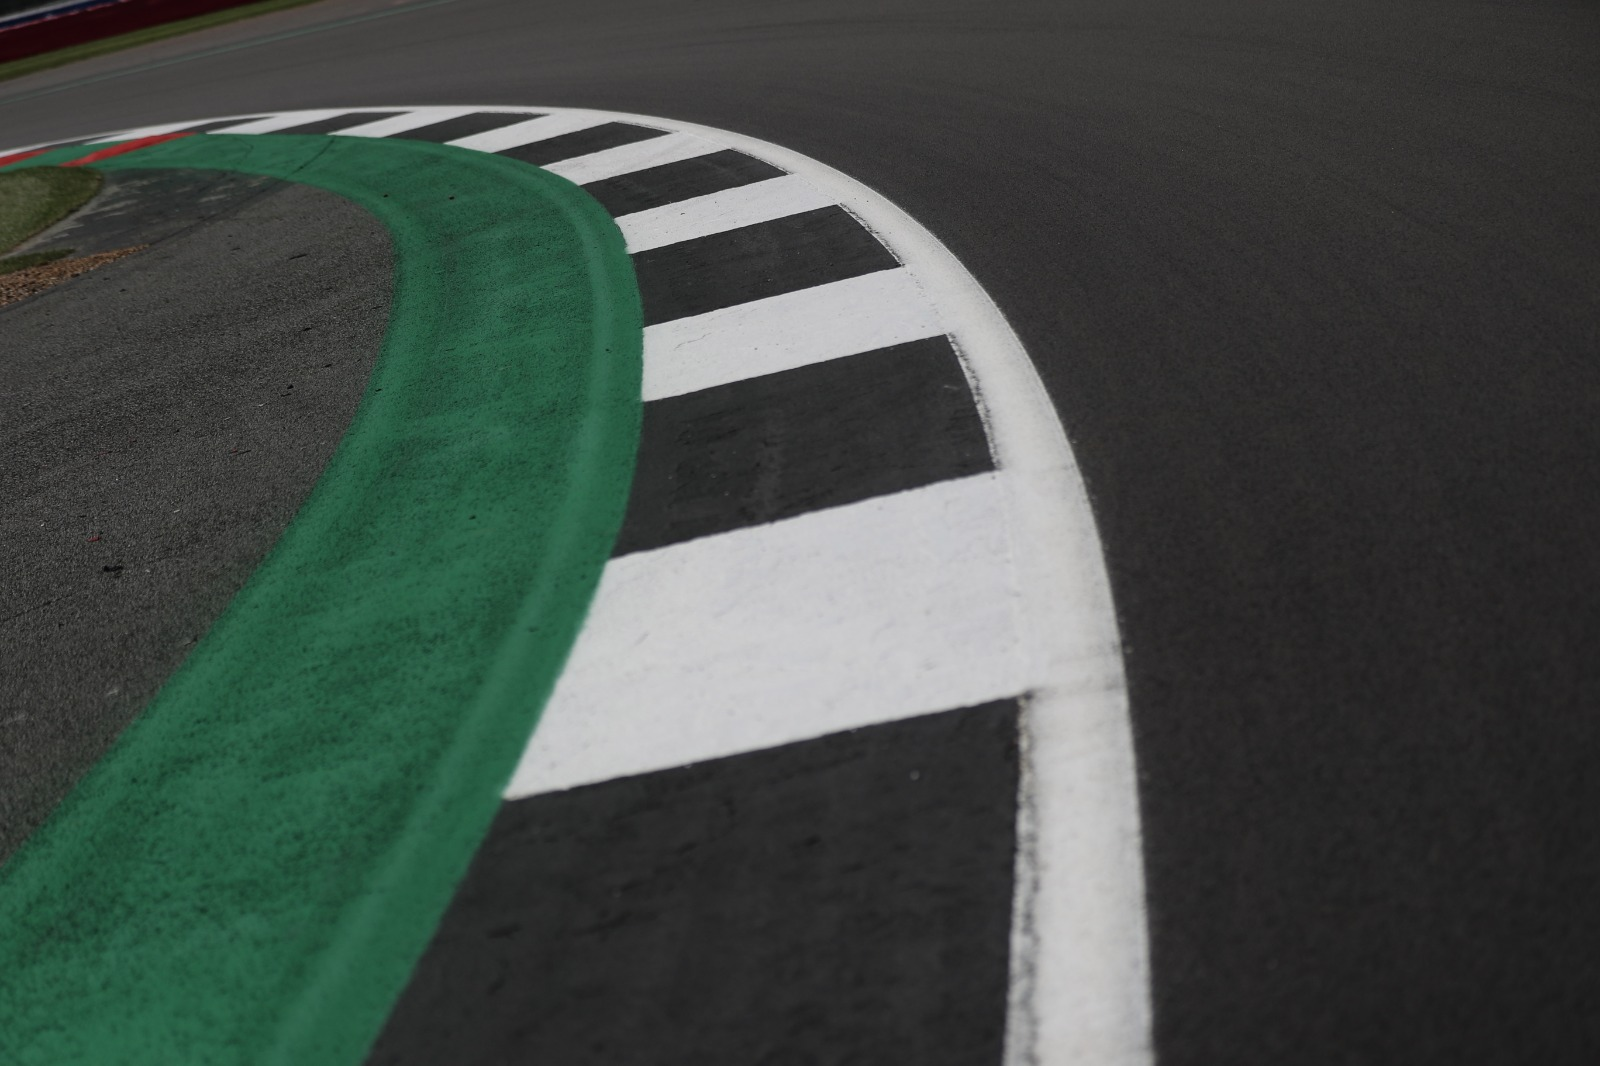 Meteo Silverstone: Previsioni meteo per la gara di F1 in Gran Bretagna